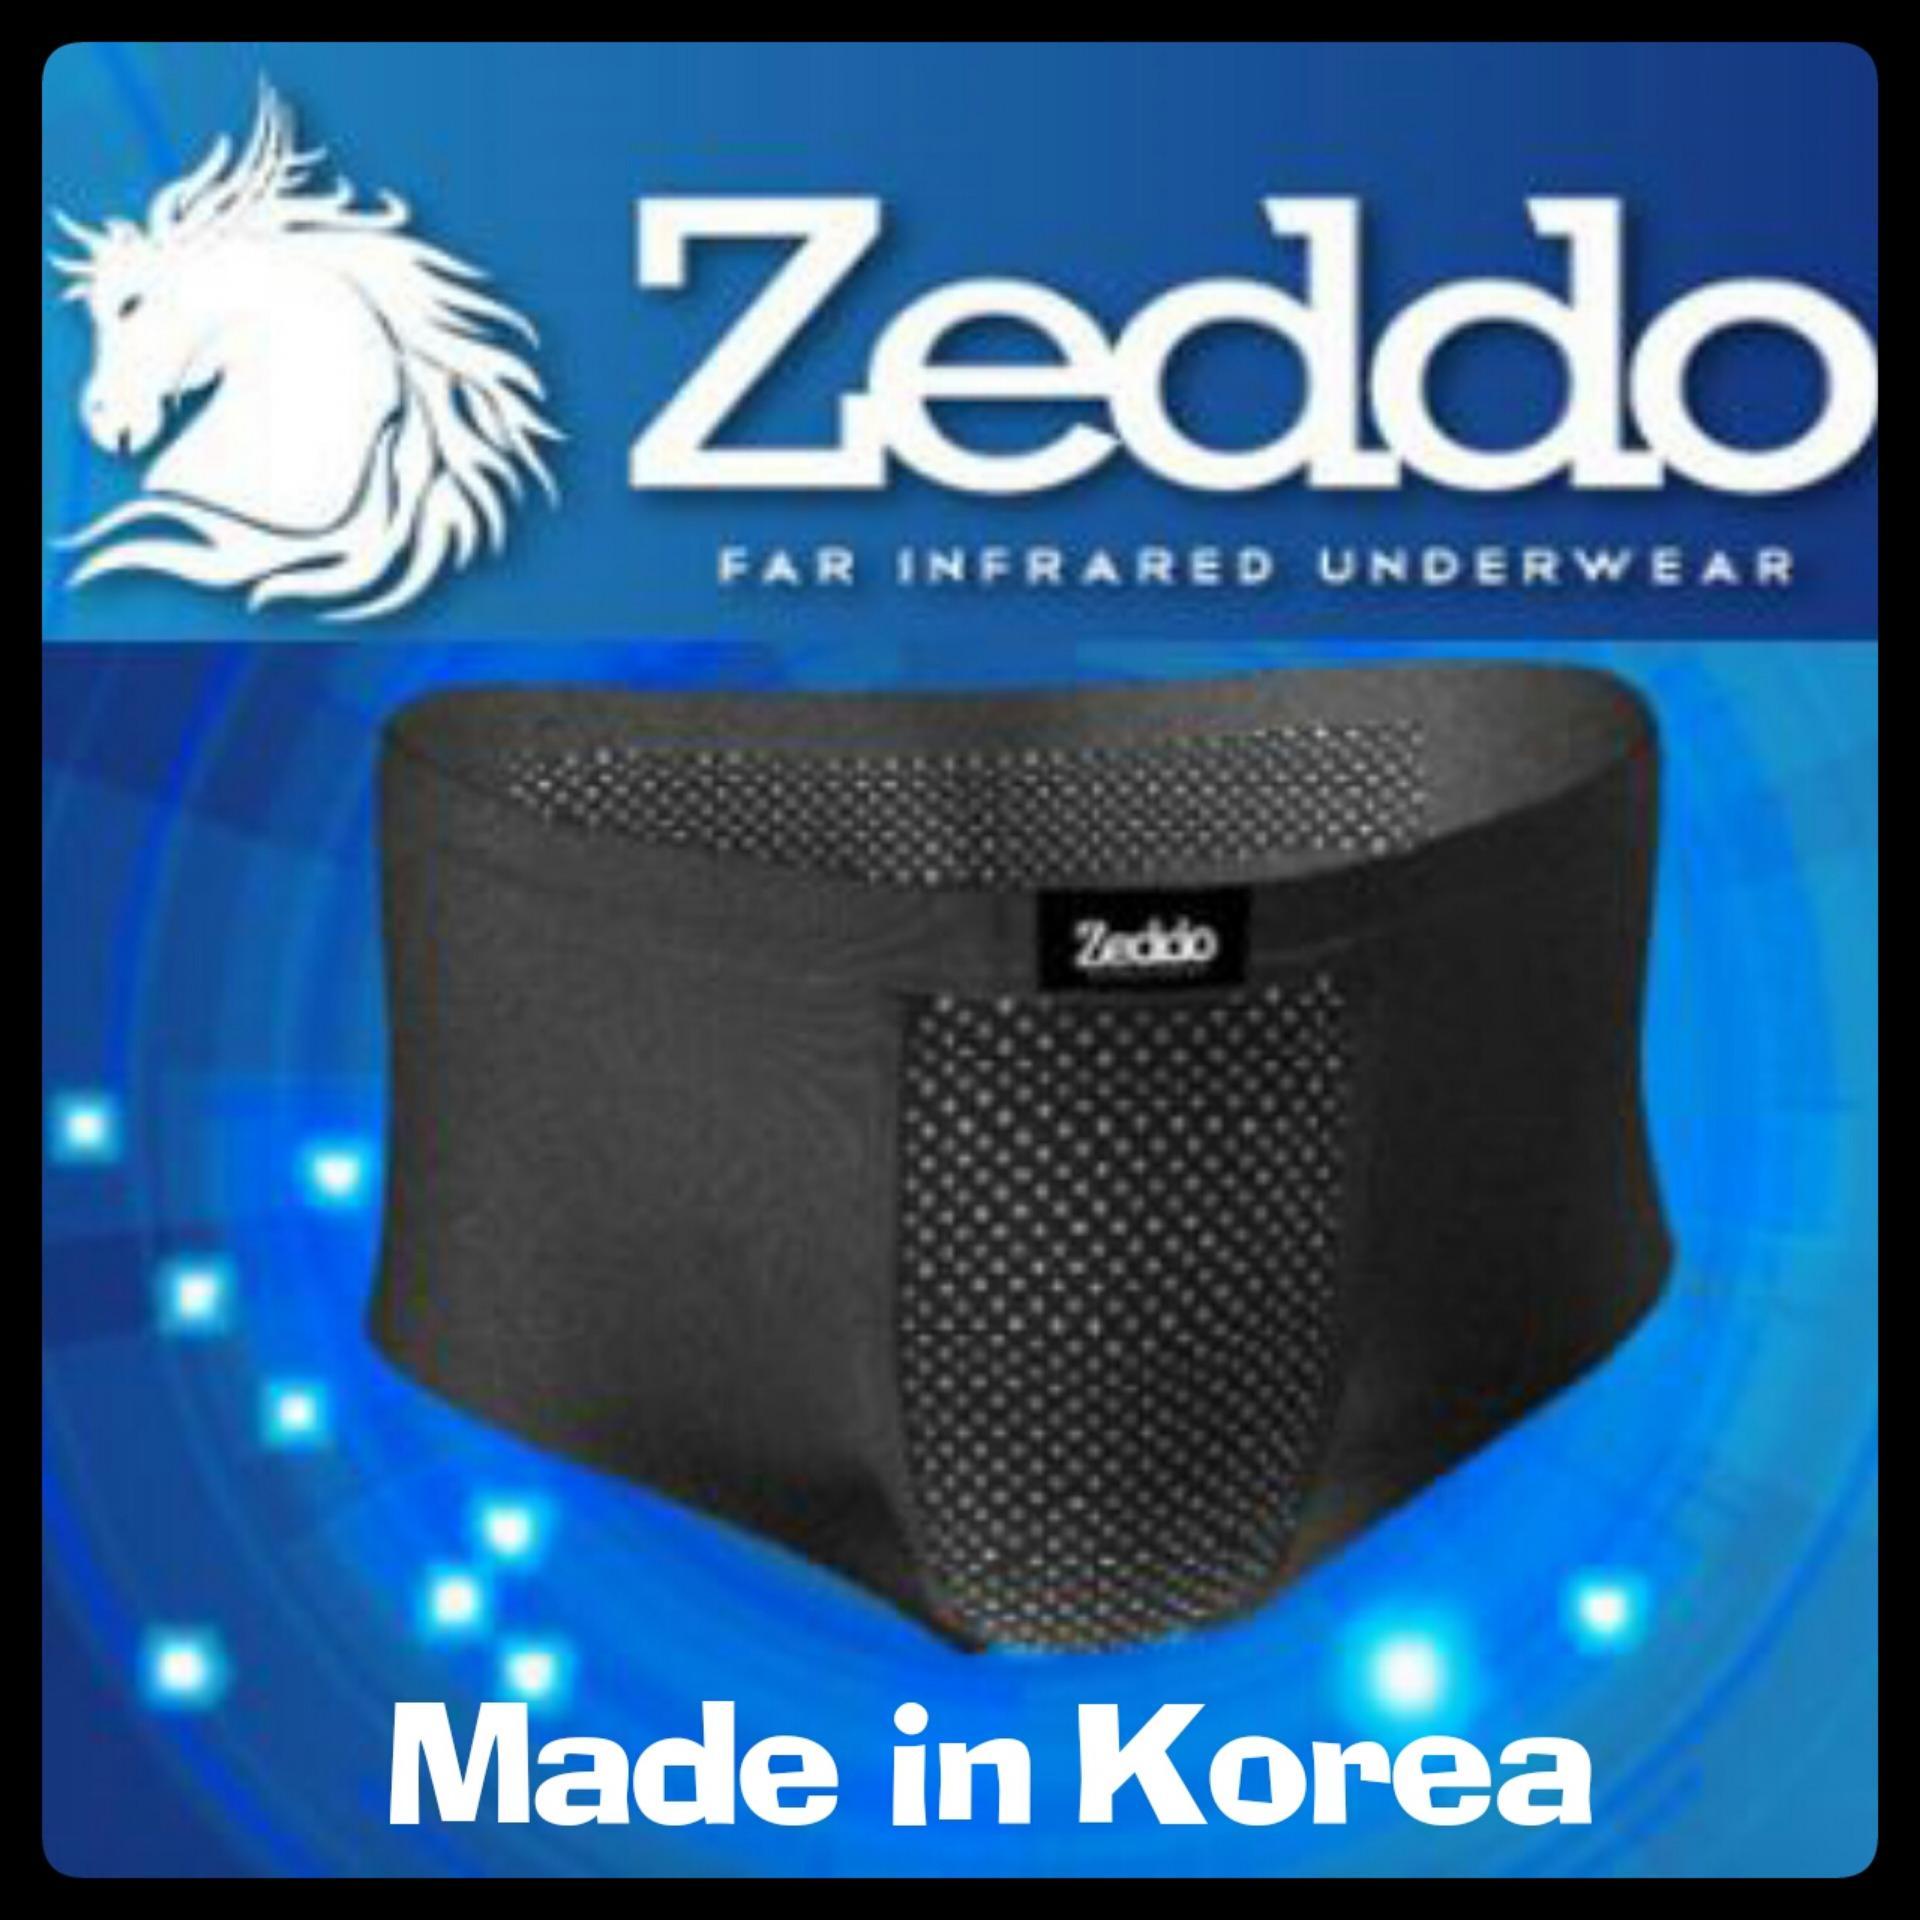 Jual Zeddo Far Infrared Underwear Pakaian Dalam Terapi Kesehatan Pria Isi 3 Pcs